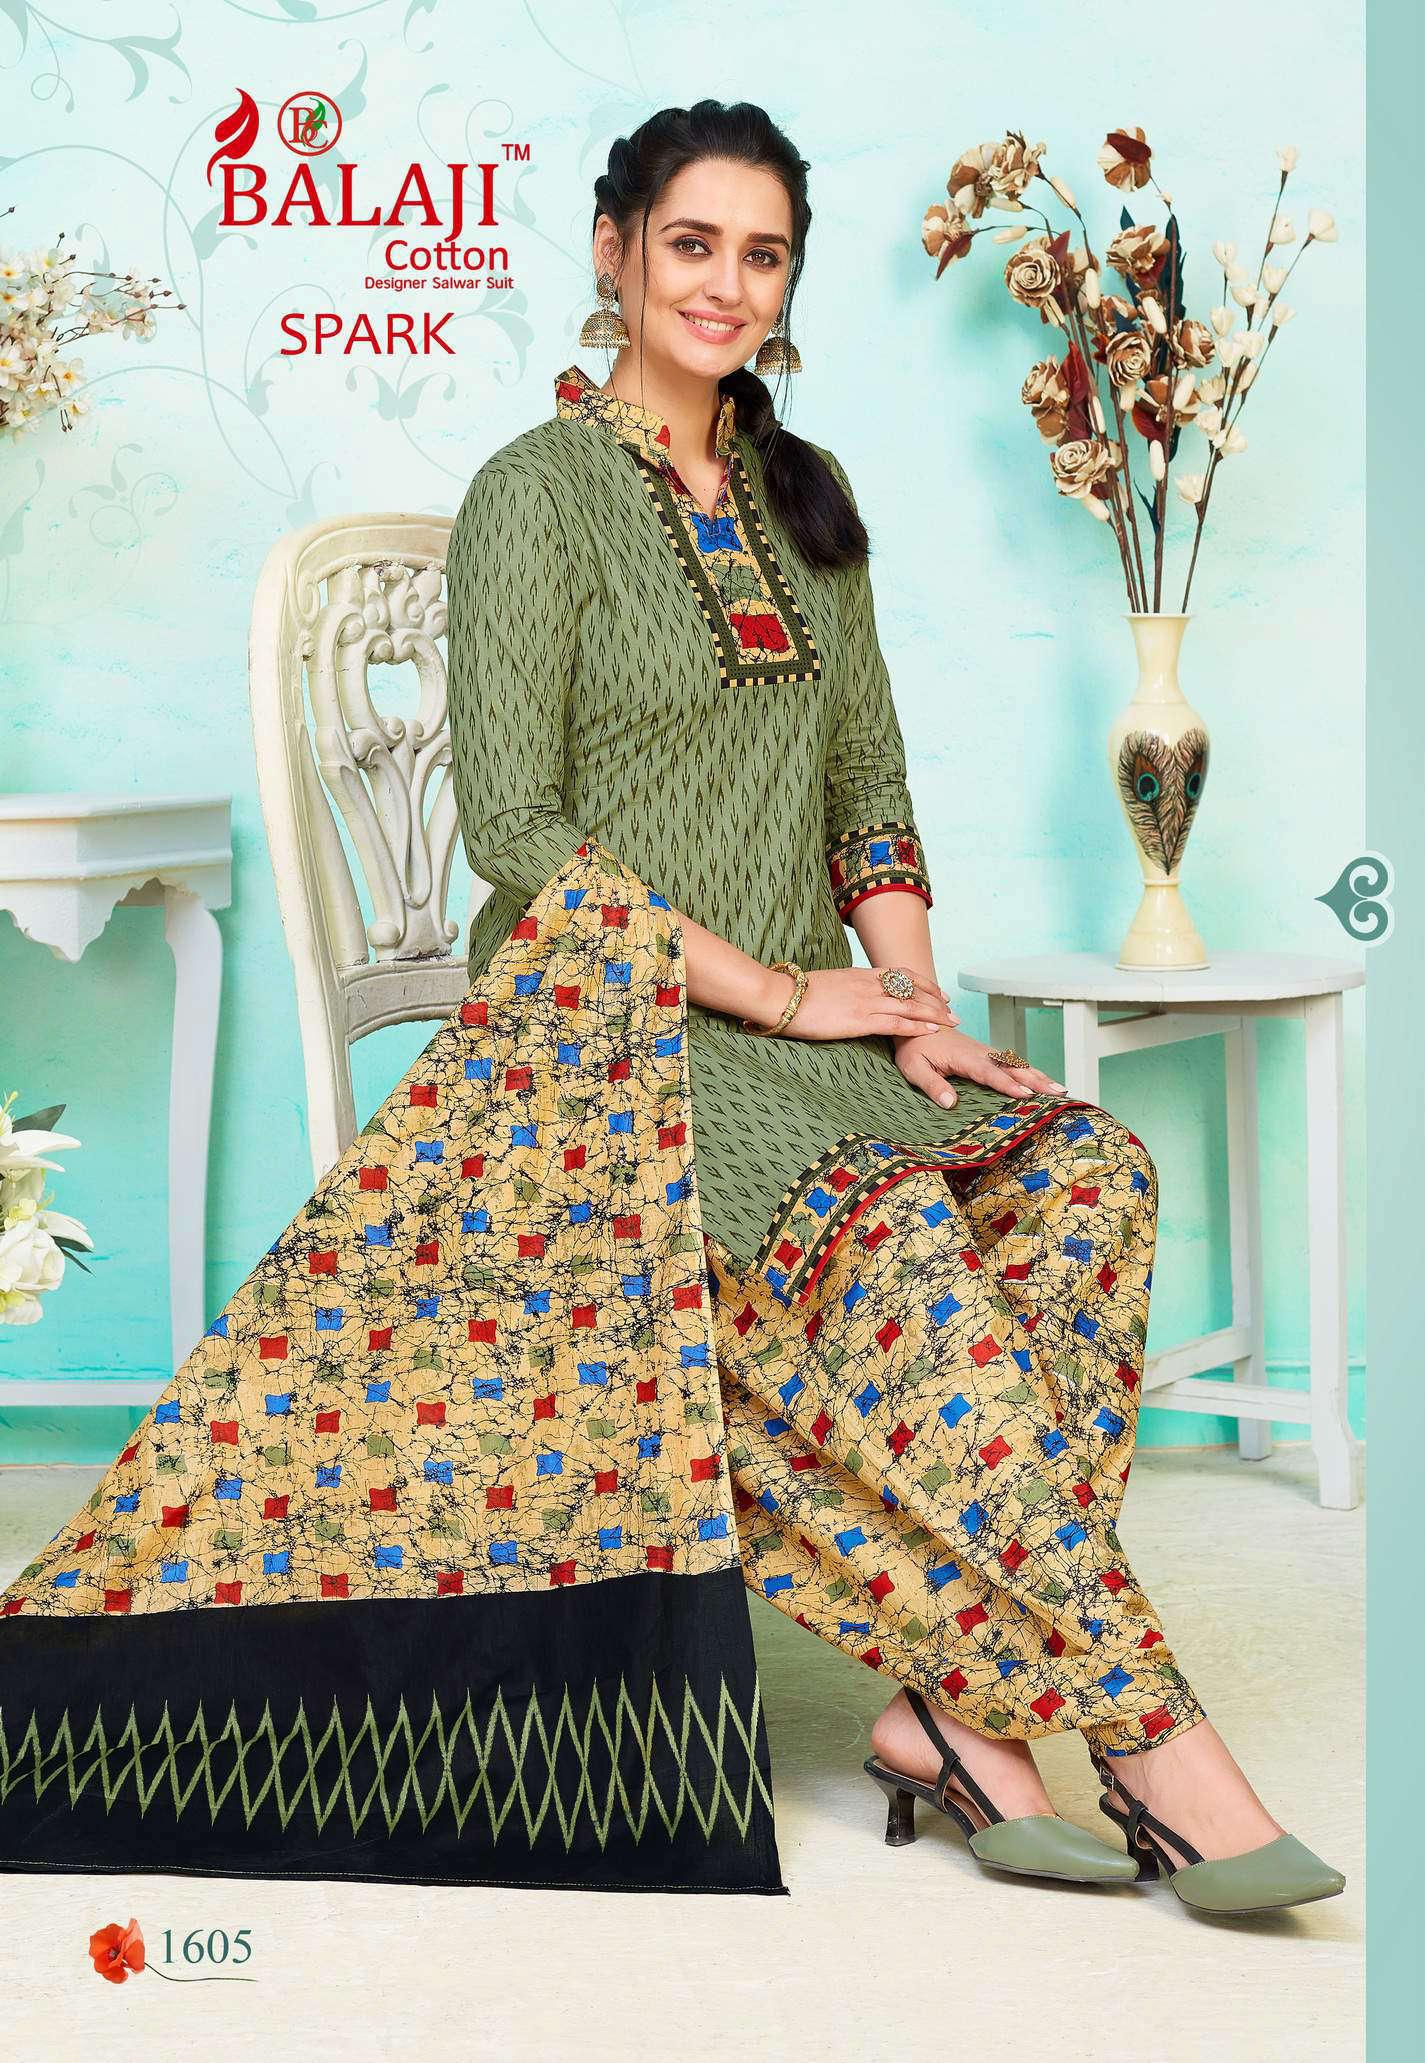 Balaji Cotton Spark Vol 16 Salwar Suit Wholesale Catalog 16 Pcs 5 - Balaji Cotton Spark Vol 16 Salwar Suit Wholesale Catalog 16 Pcs